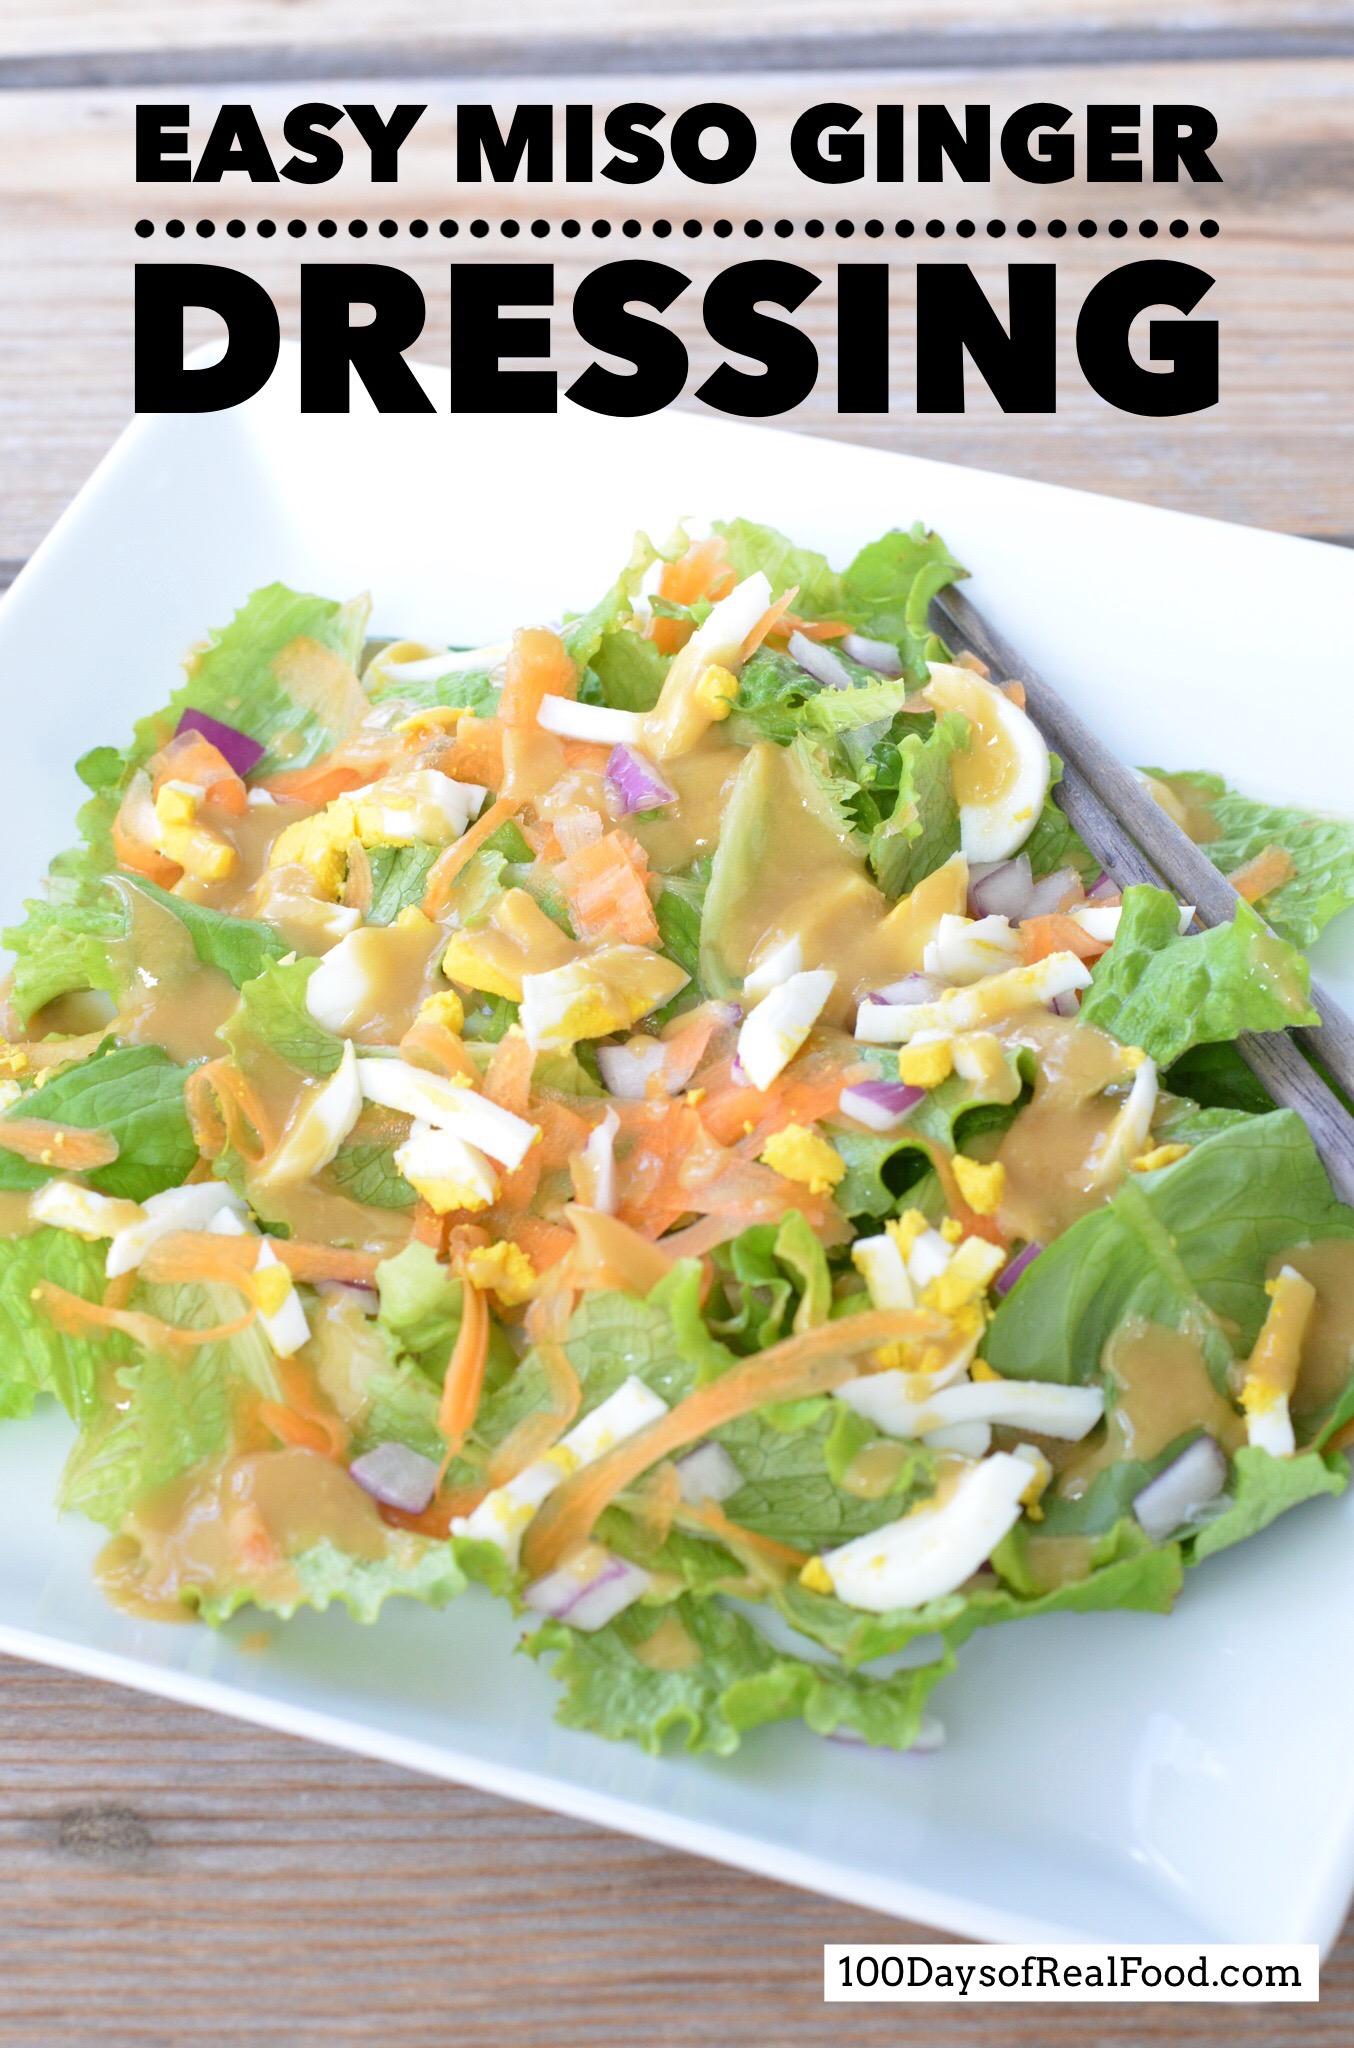 EASY MISO GINGER DRESSING